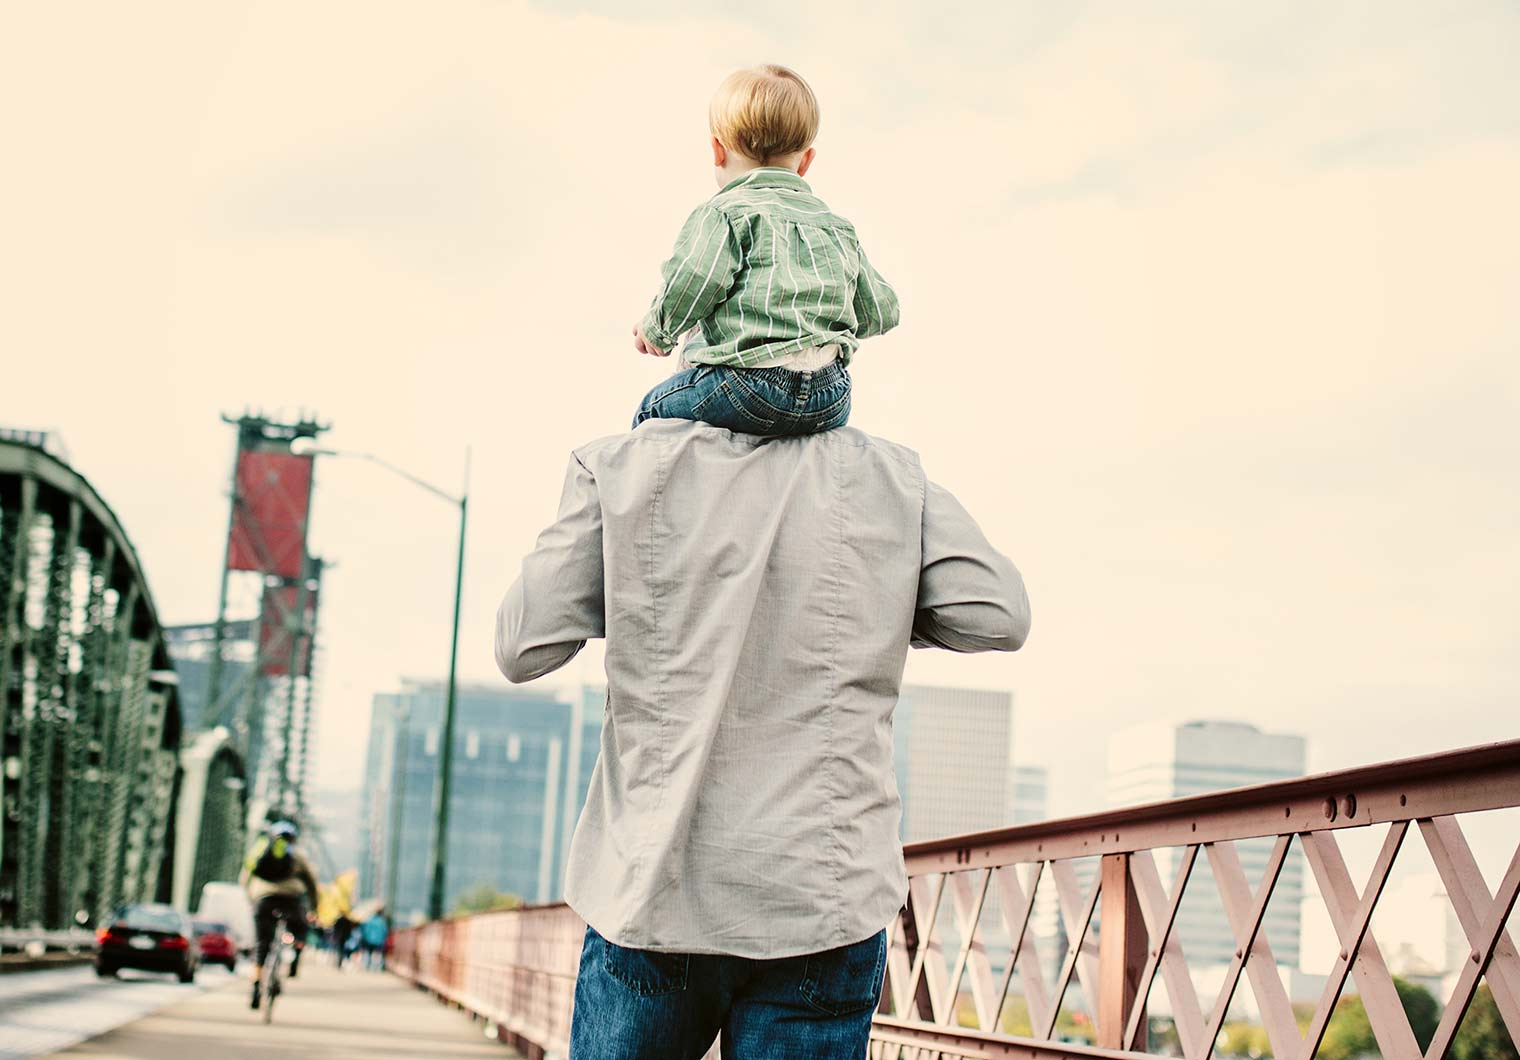 child on shoulders